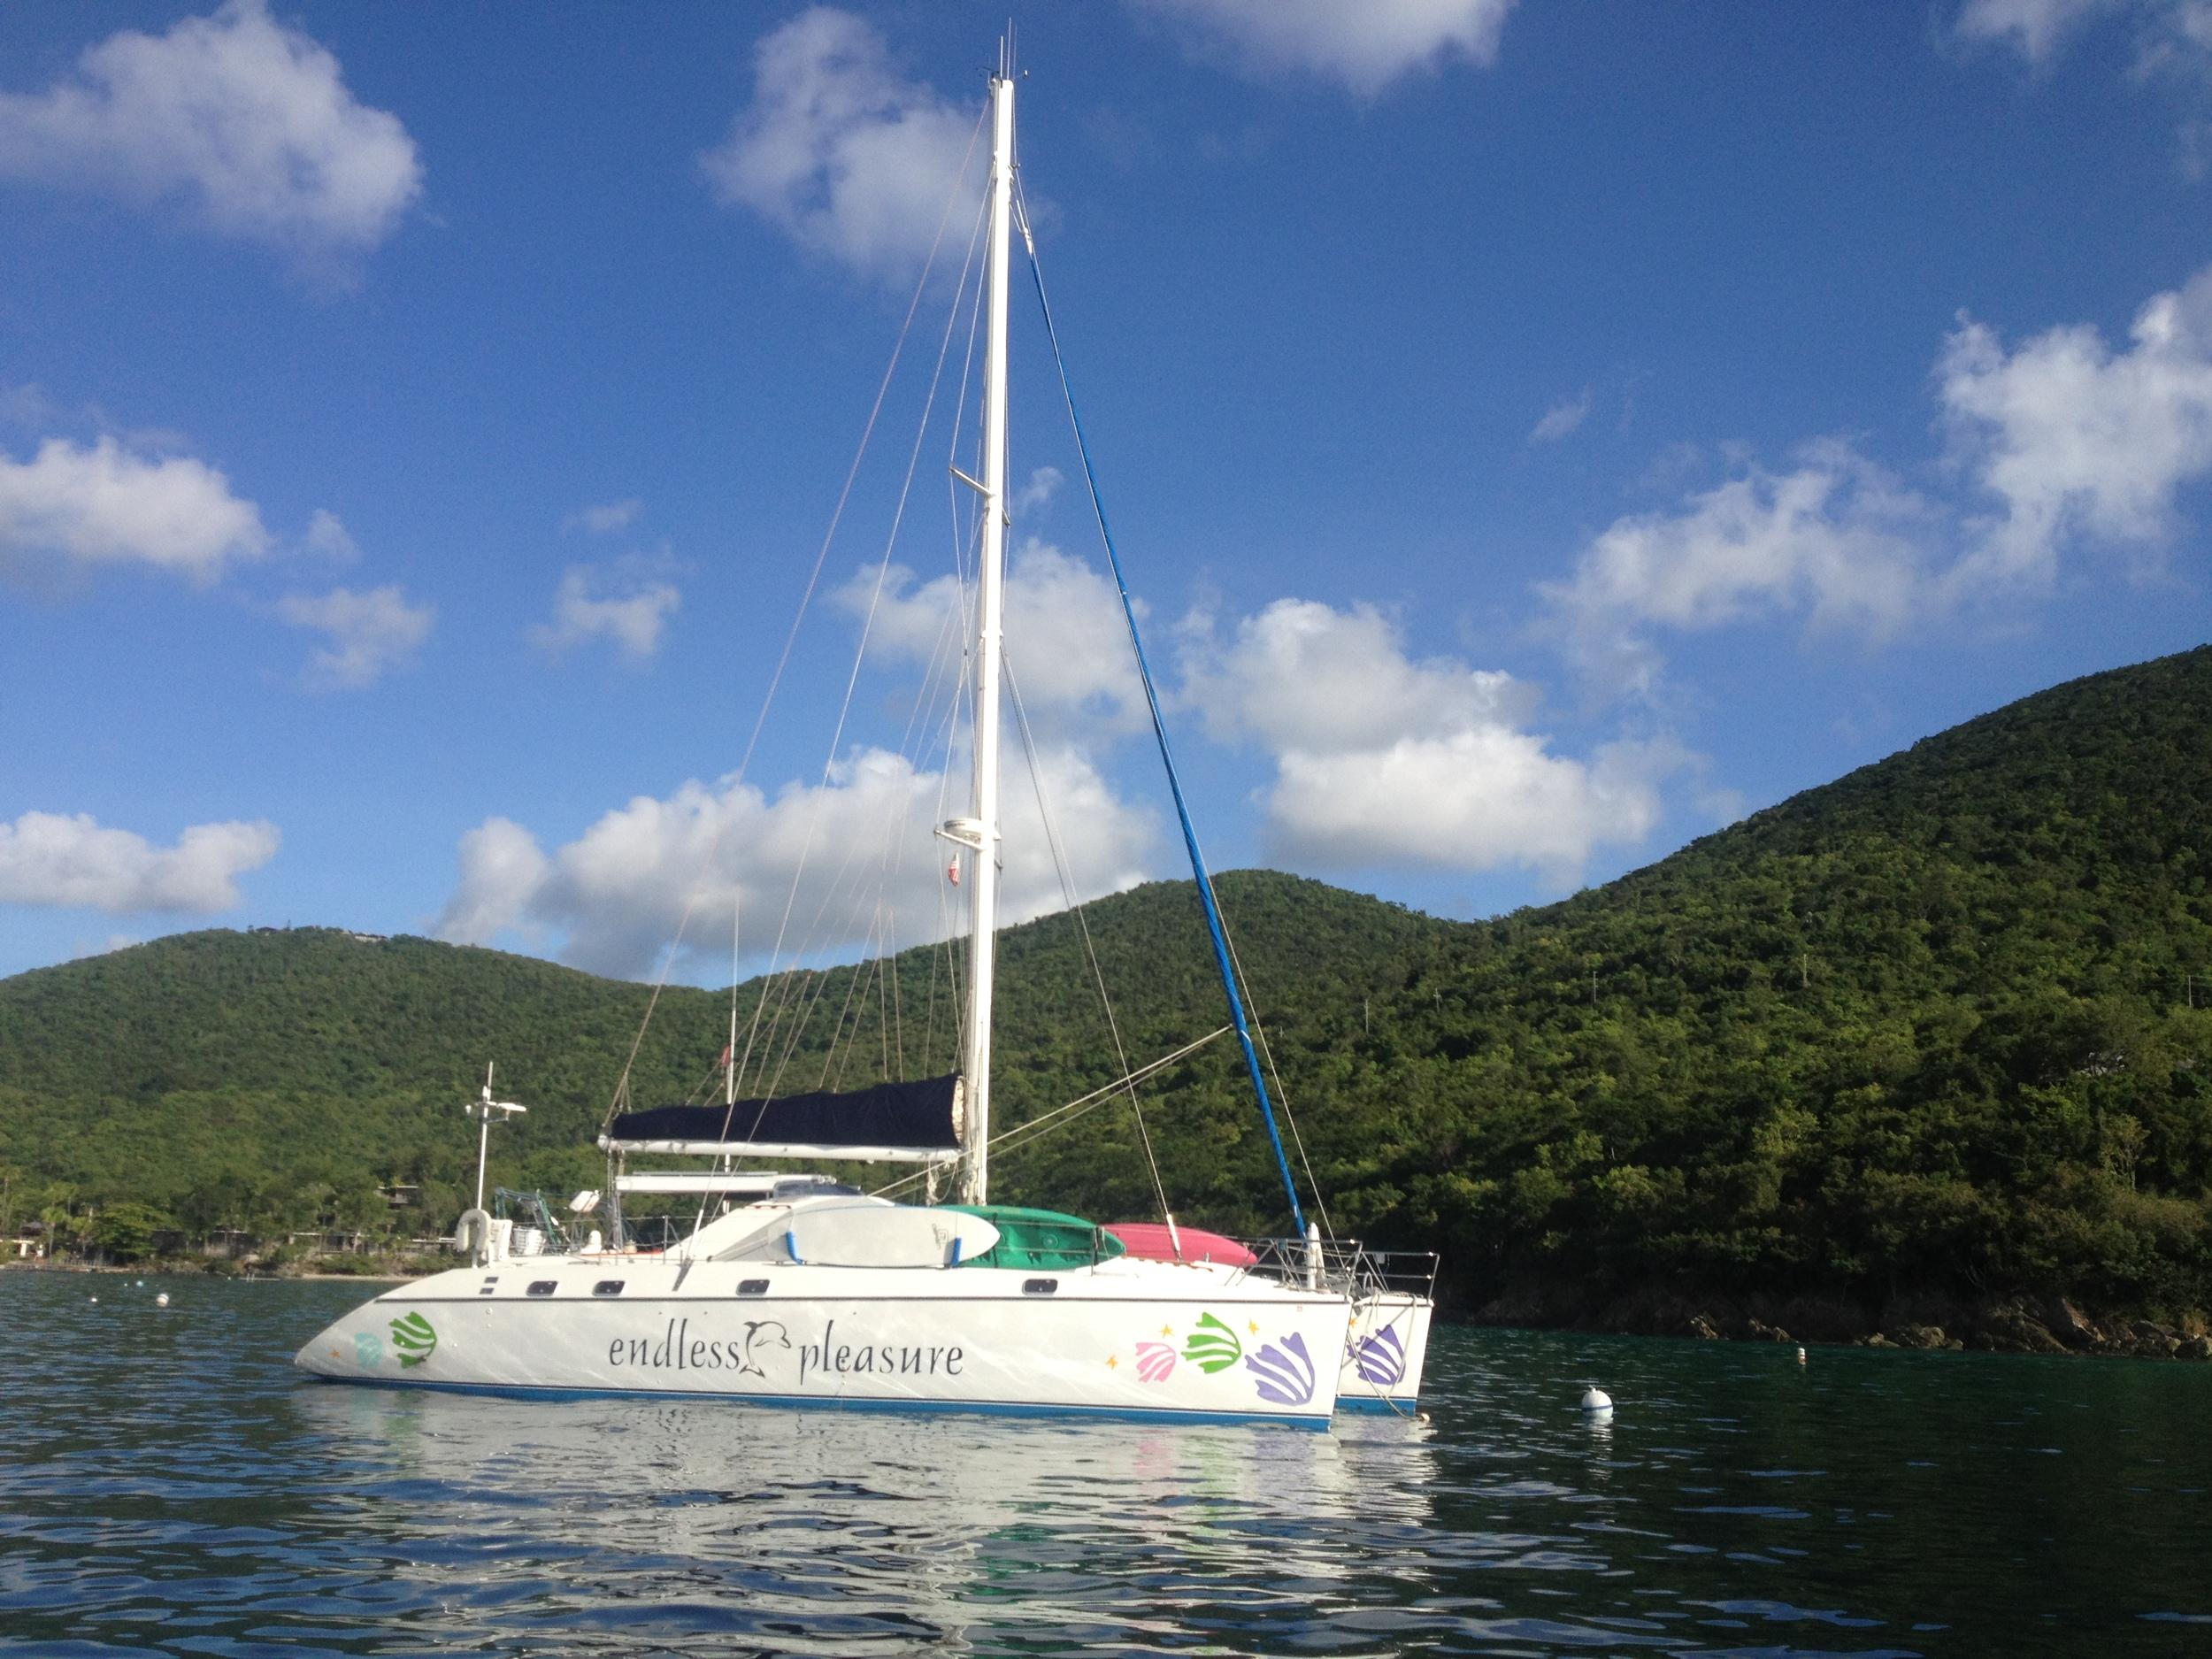 Catamaran Endless Pleasure in Caneel Bay, St. John